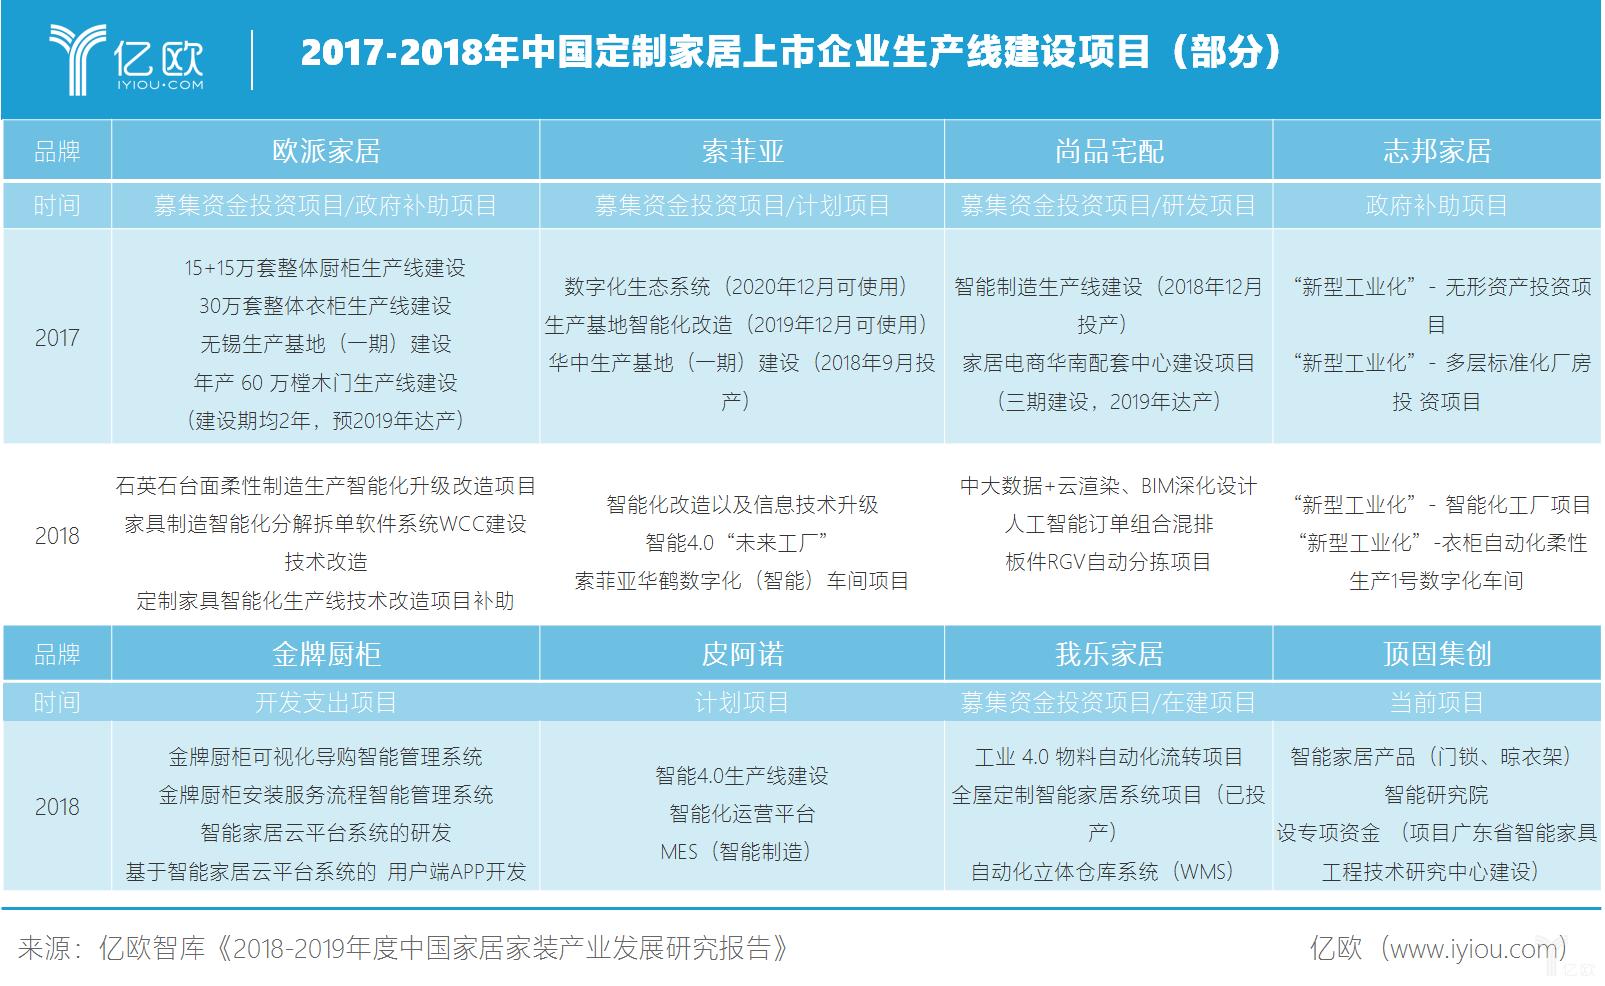 2017-2018中国定制家居上市企业生产线建设时间表